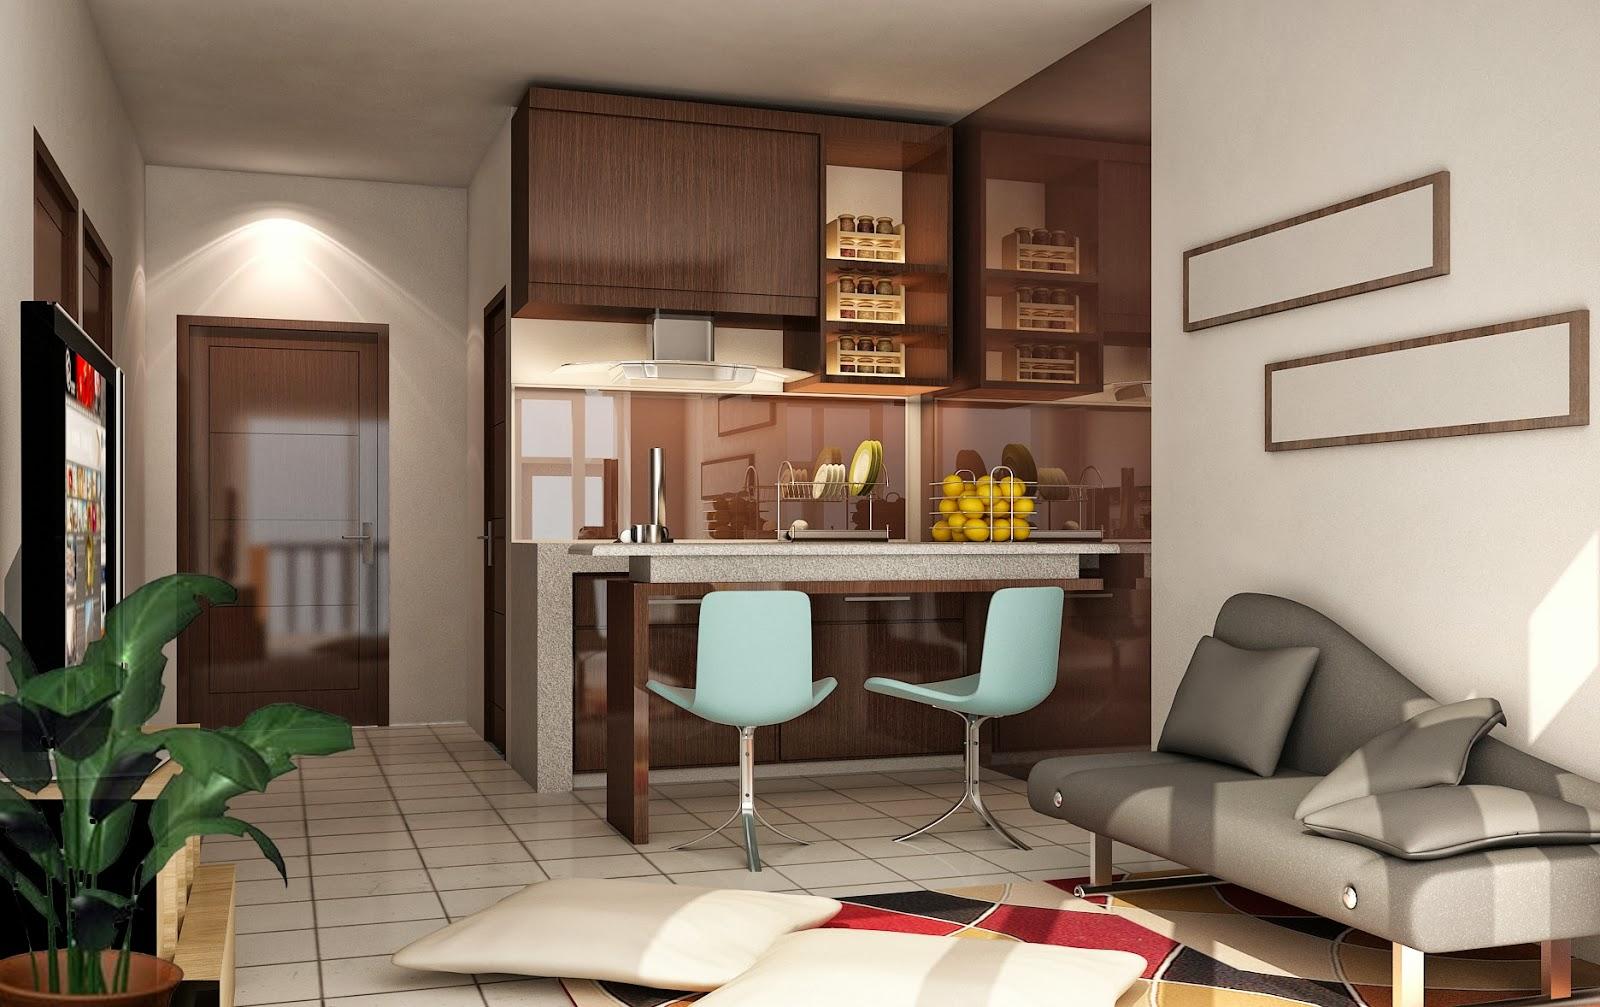 Desain interior rumah minimalis type 36 sederhana tapi menawan for Interior decoration rumah